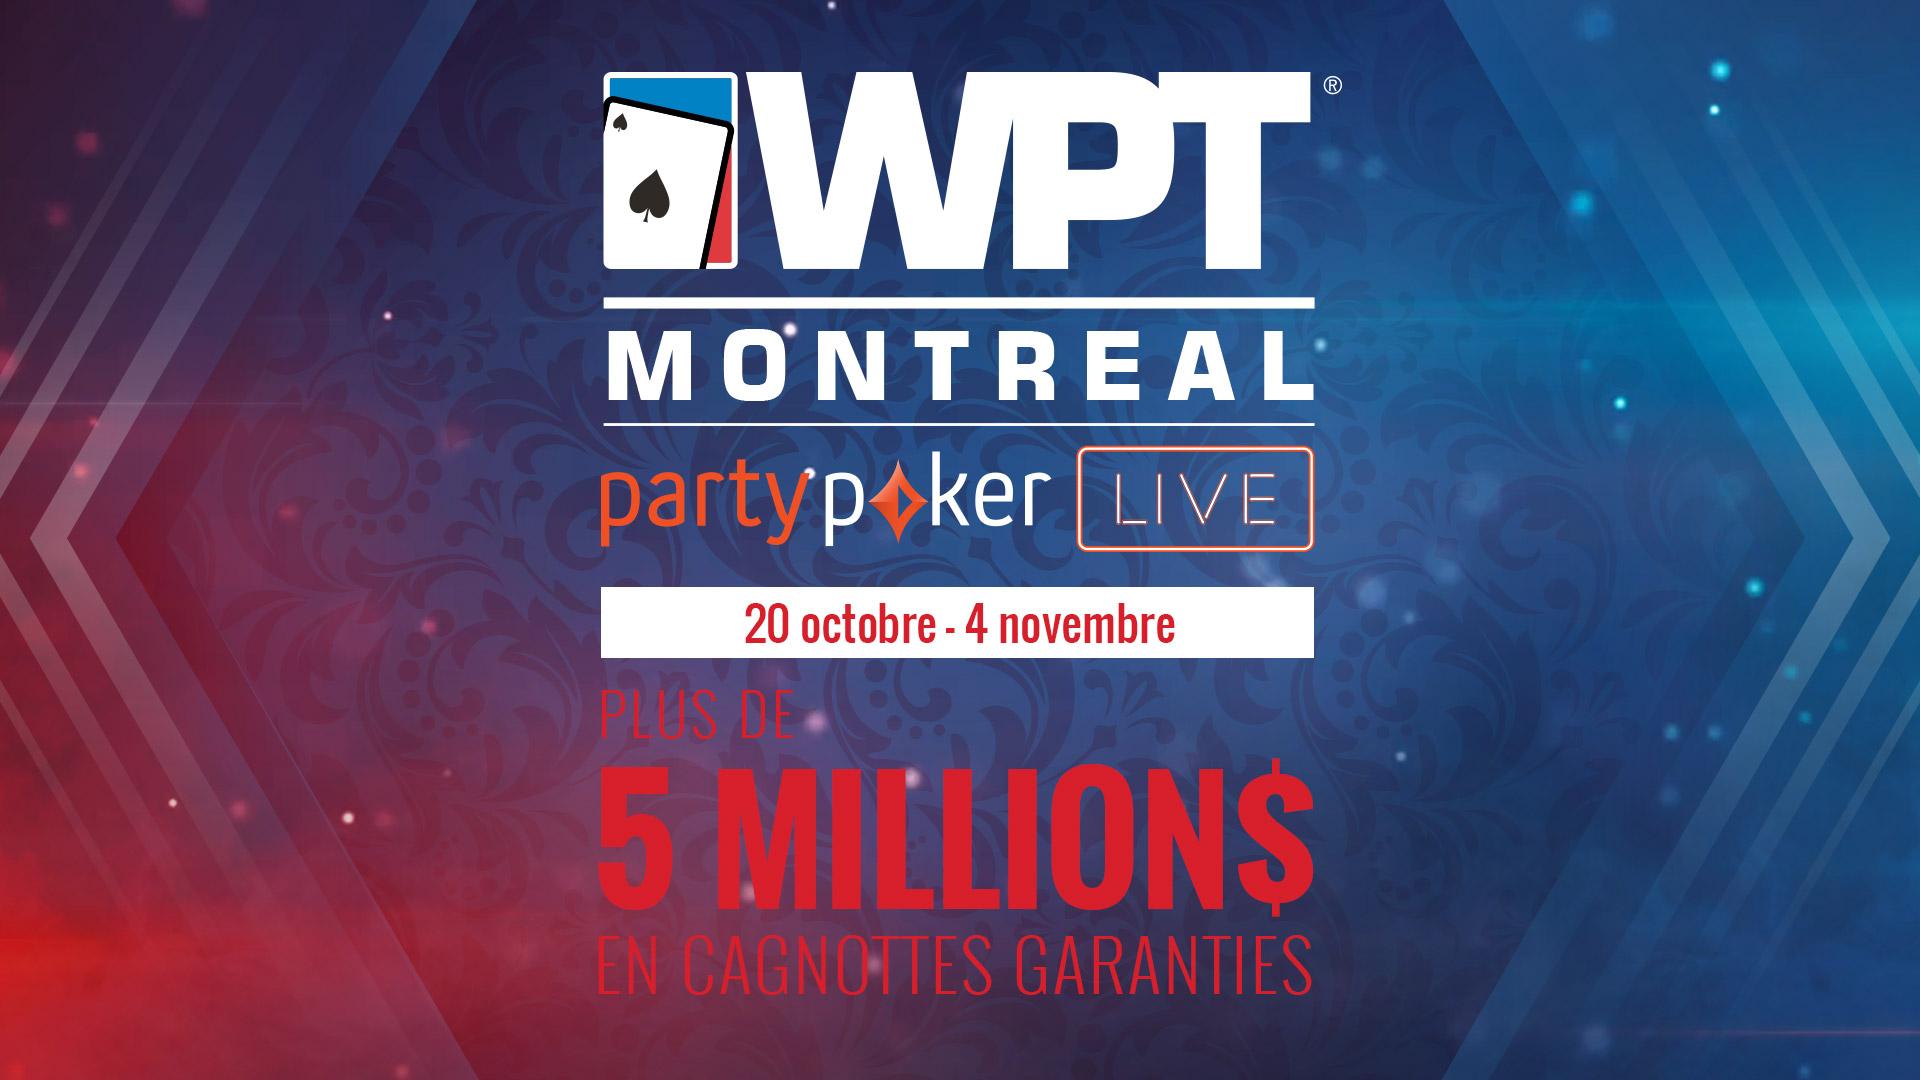 Le WPT Montréal est finalement annoncé